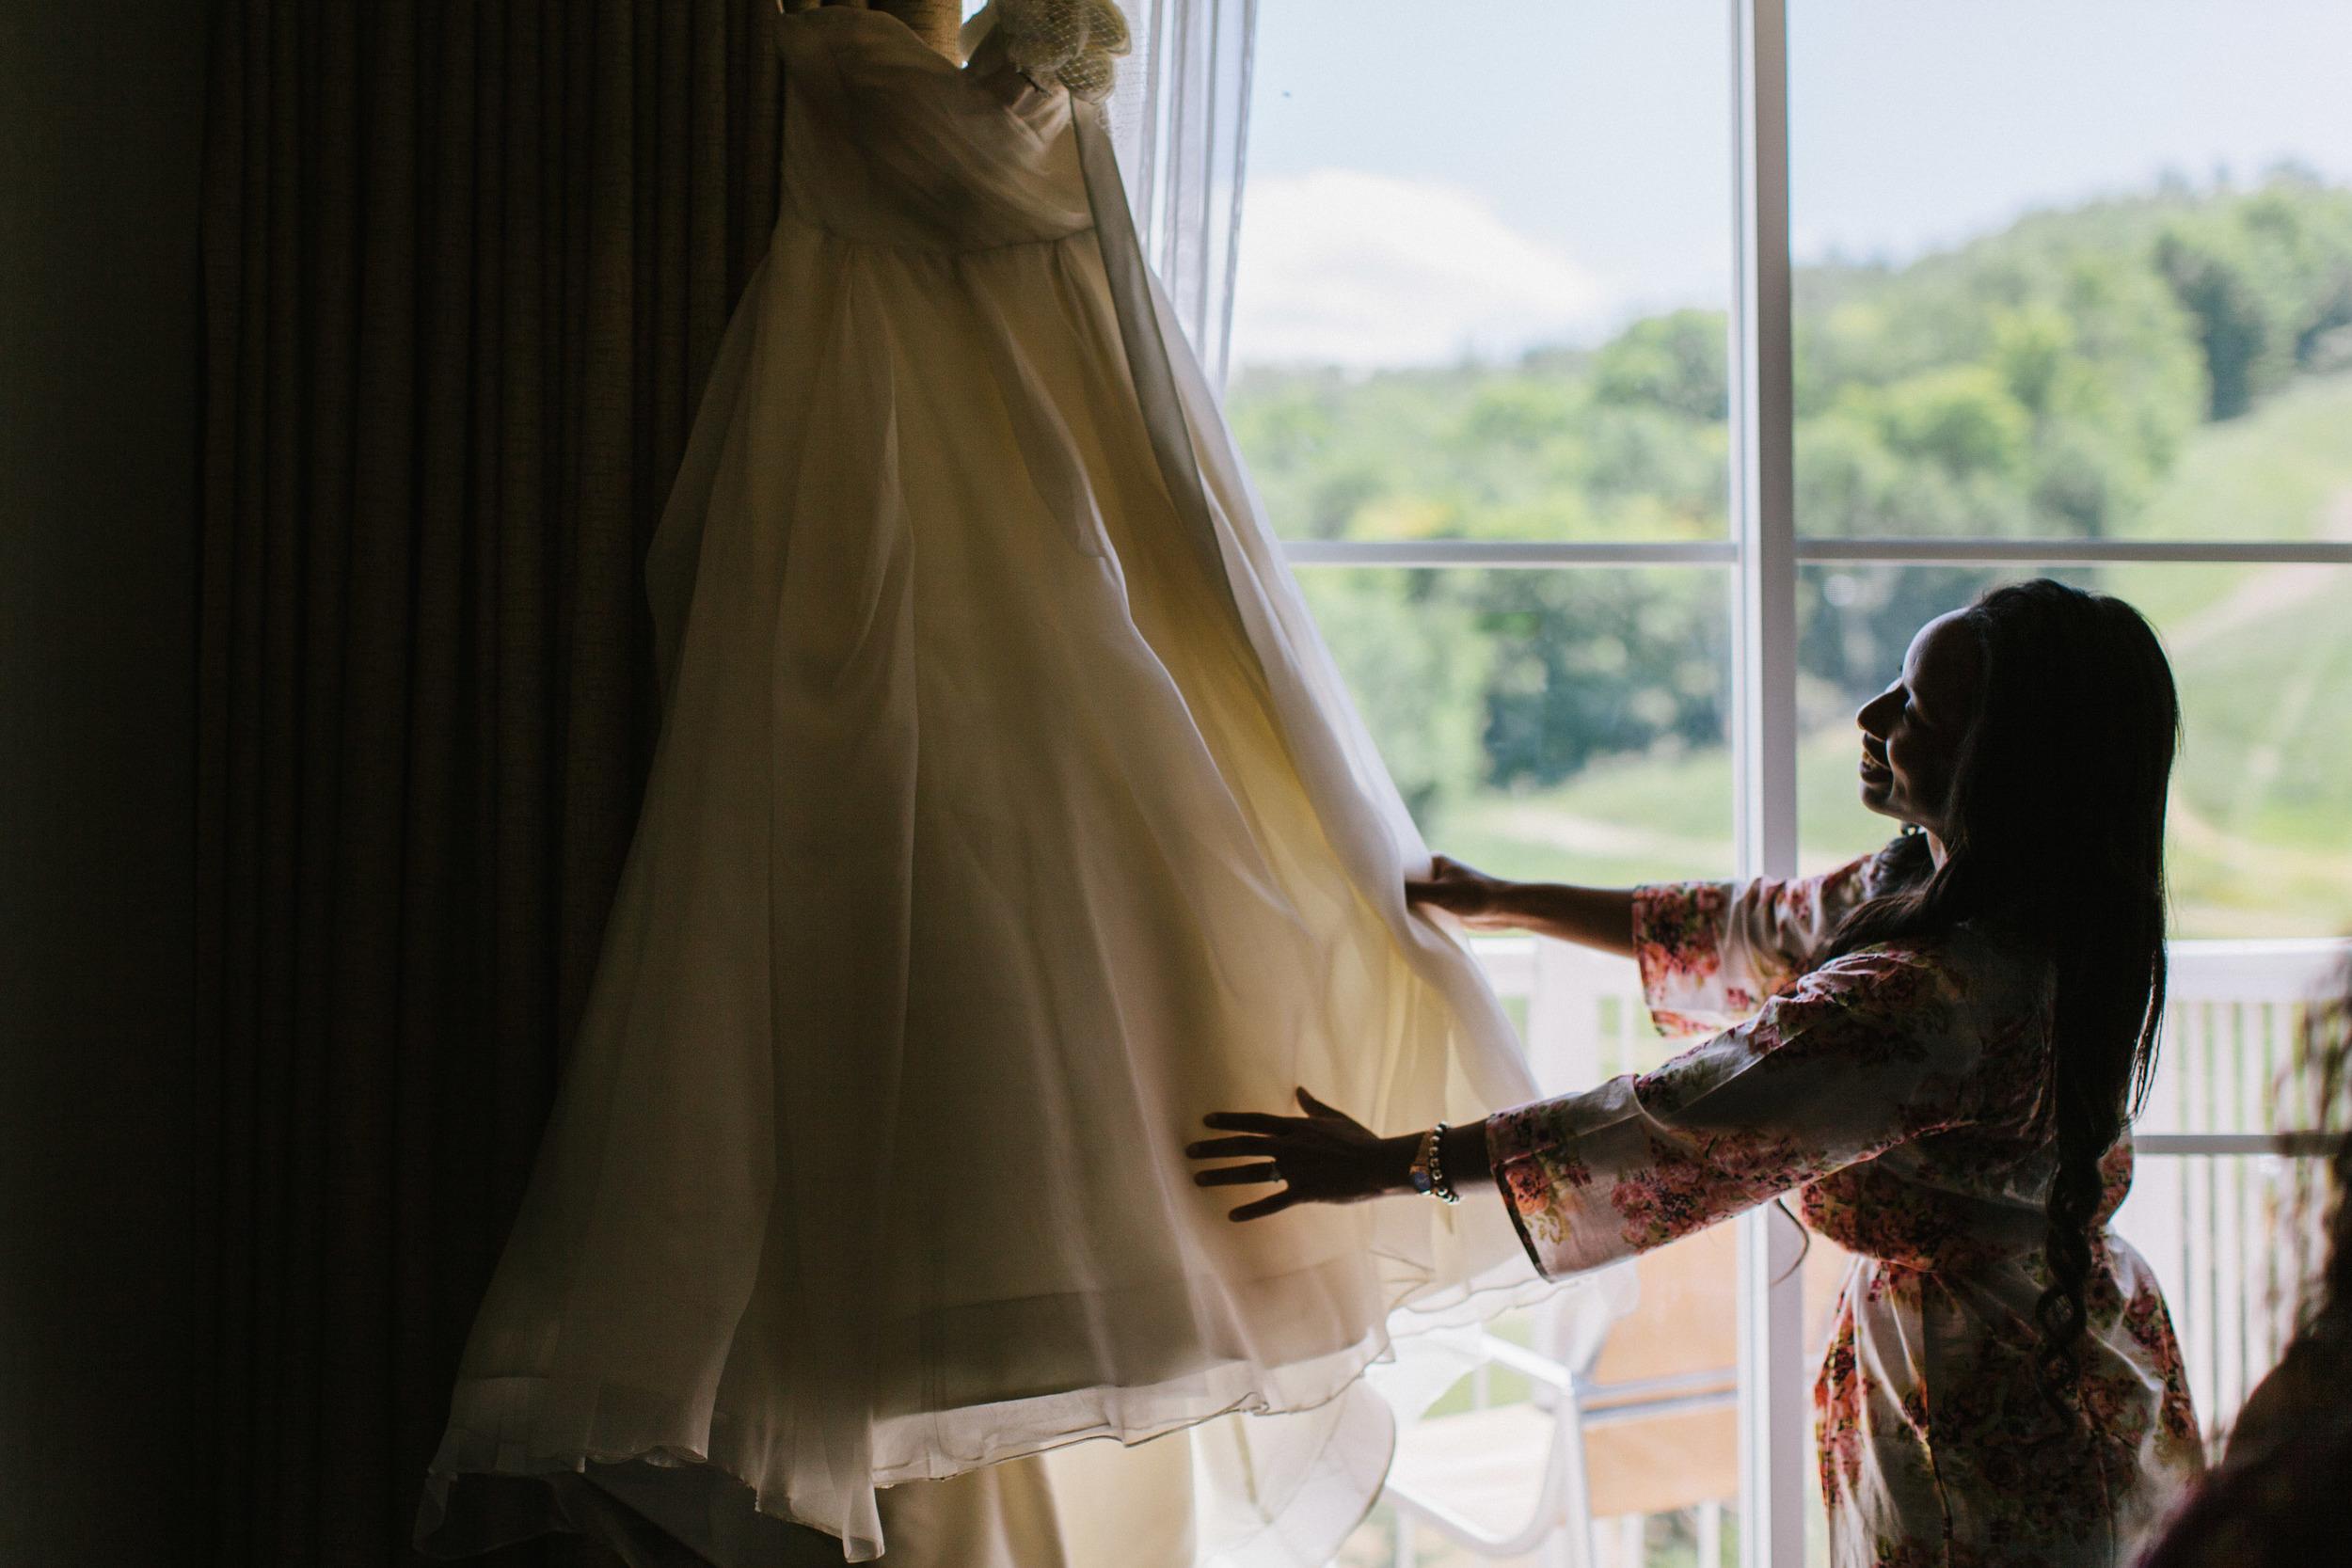 michael-rousseau-photography-shannae-ingleton-wedding-sean-craigleith-ski-club-wedding028.jpg